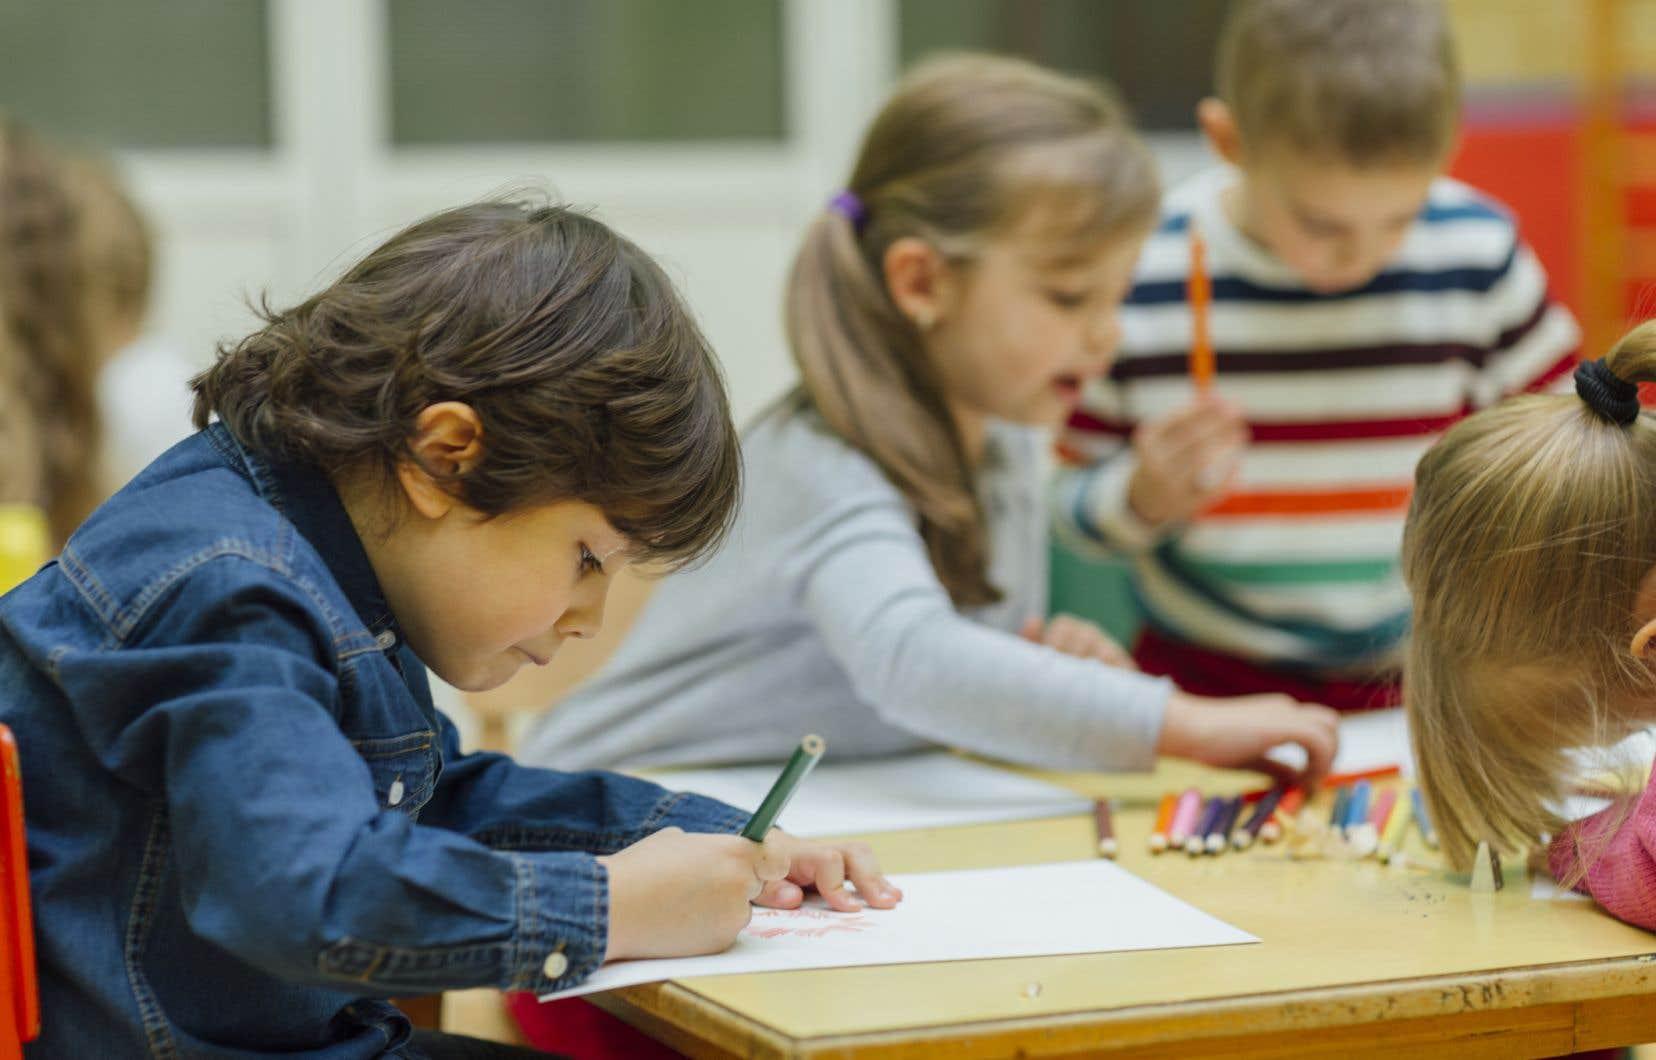 «Les enfants francophones s'agglutinent dans des écoles de qualité moindre que leurs petits camarades anglophones», soutient l'auteur.